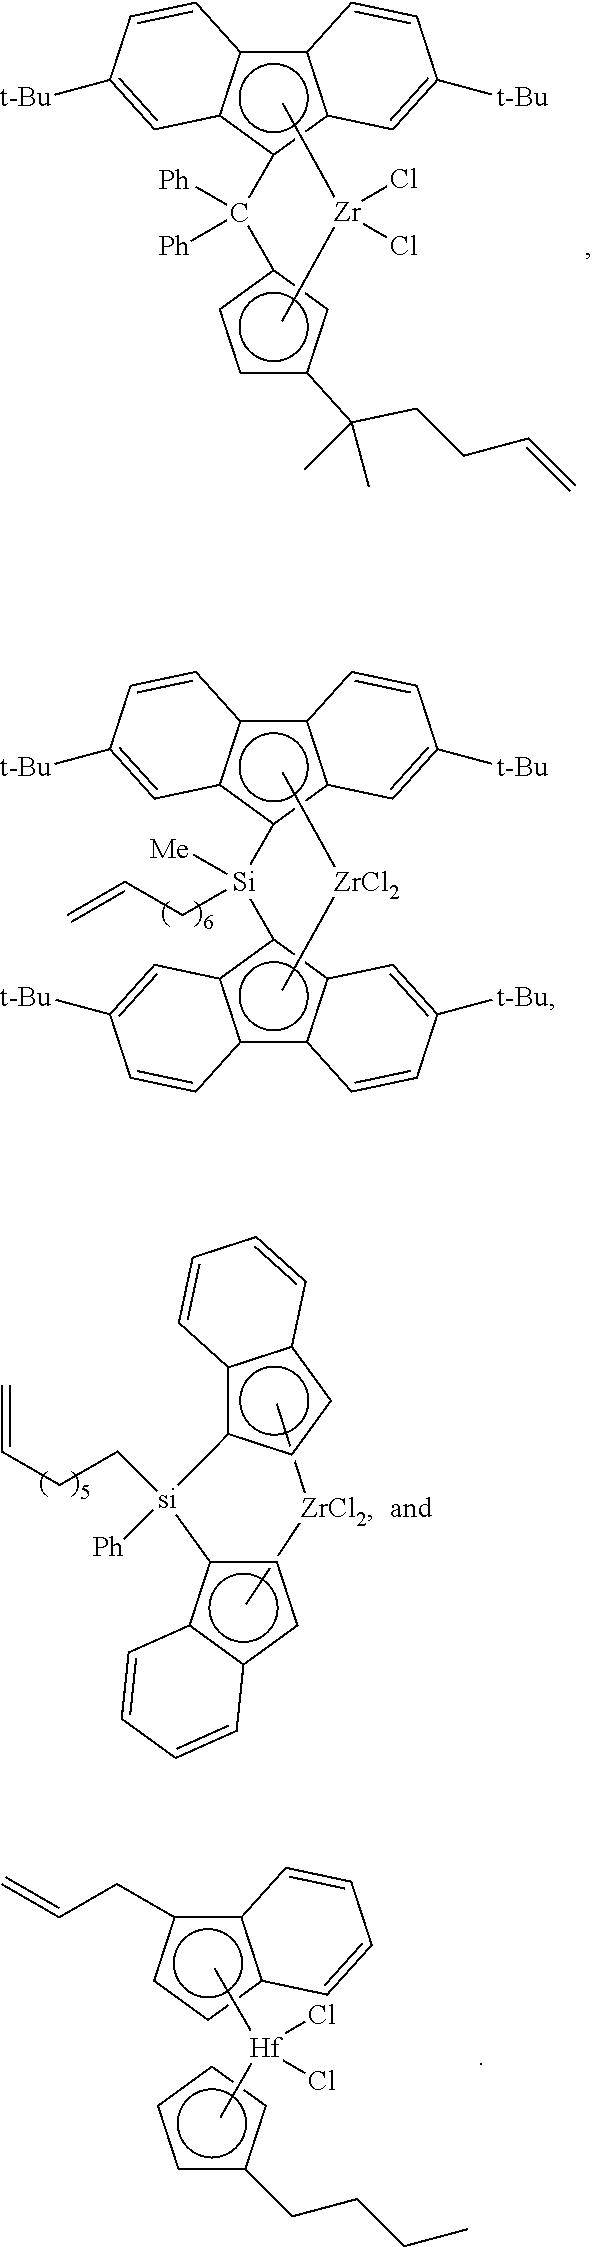 Figure US08288487-20121016-C00048